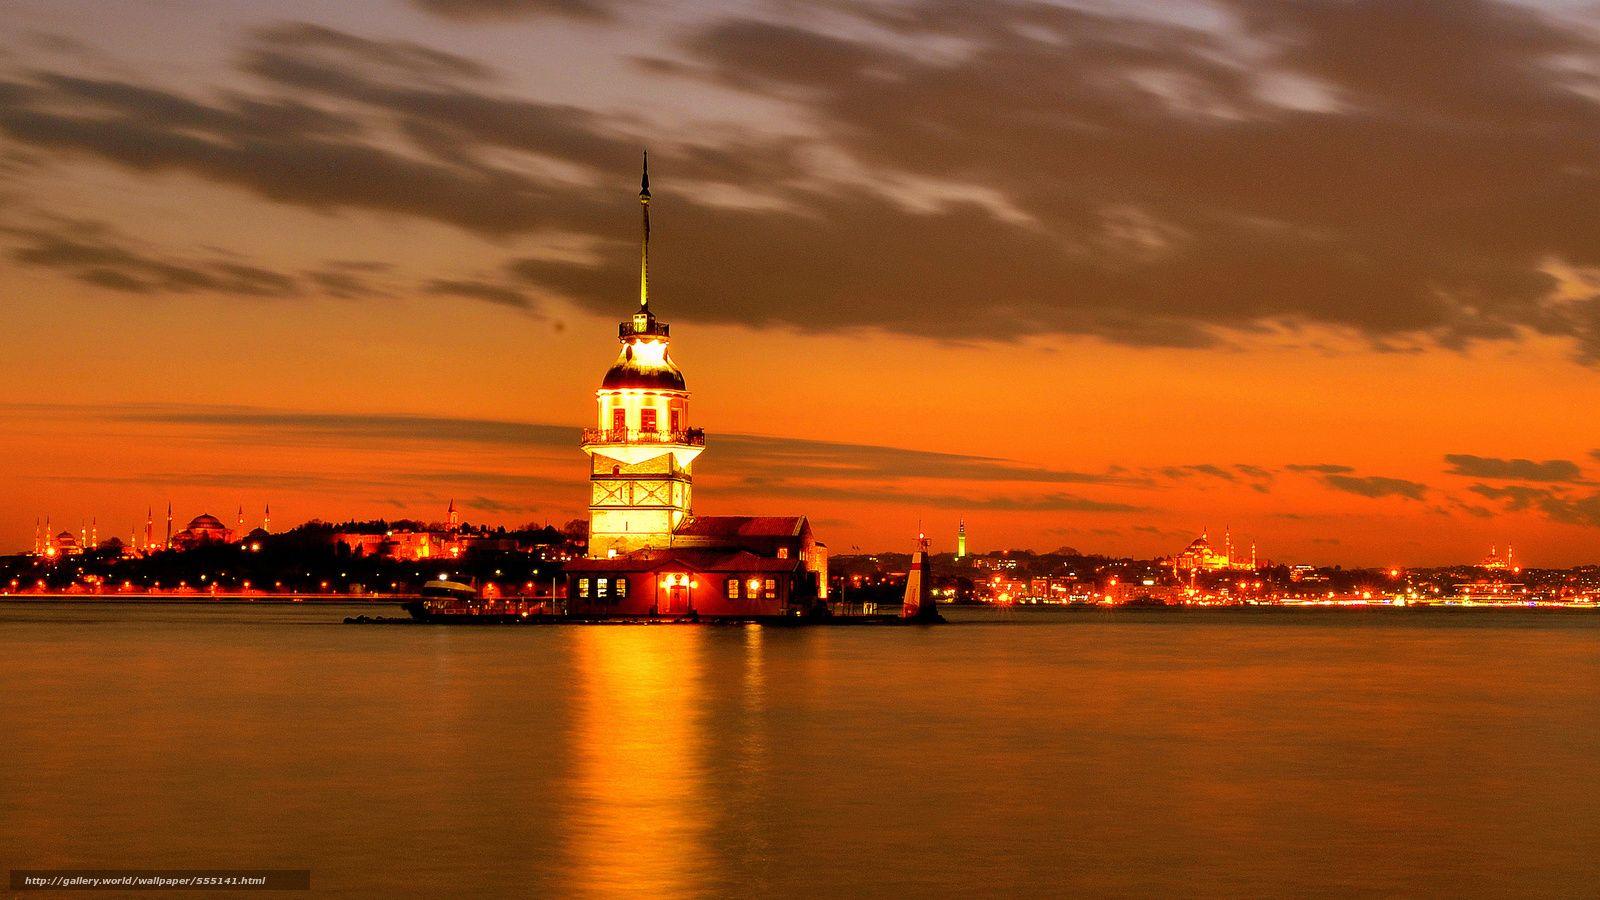 istanbul fotoğrafları indir